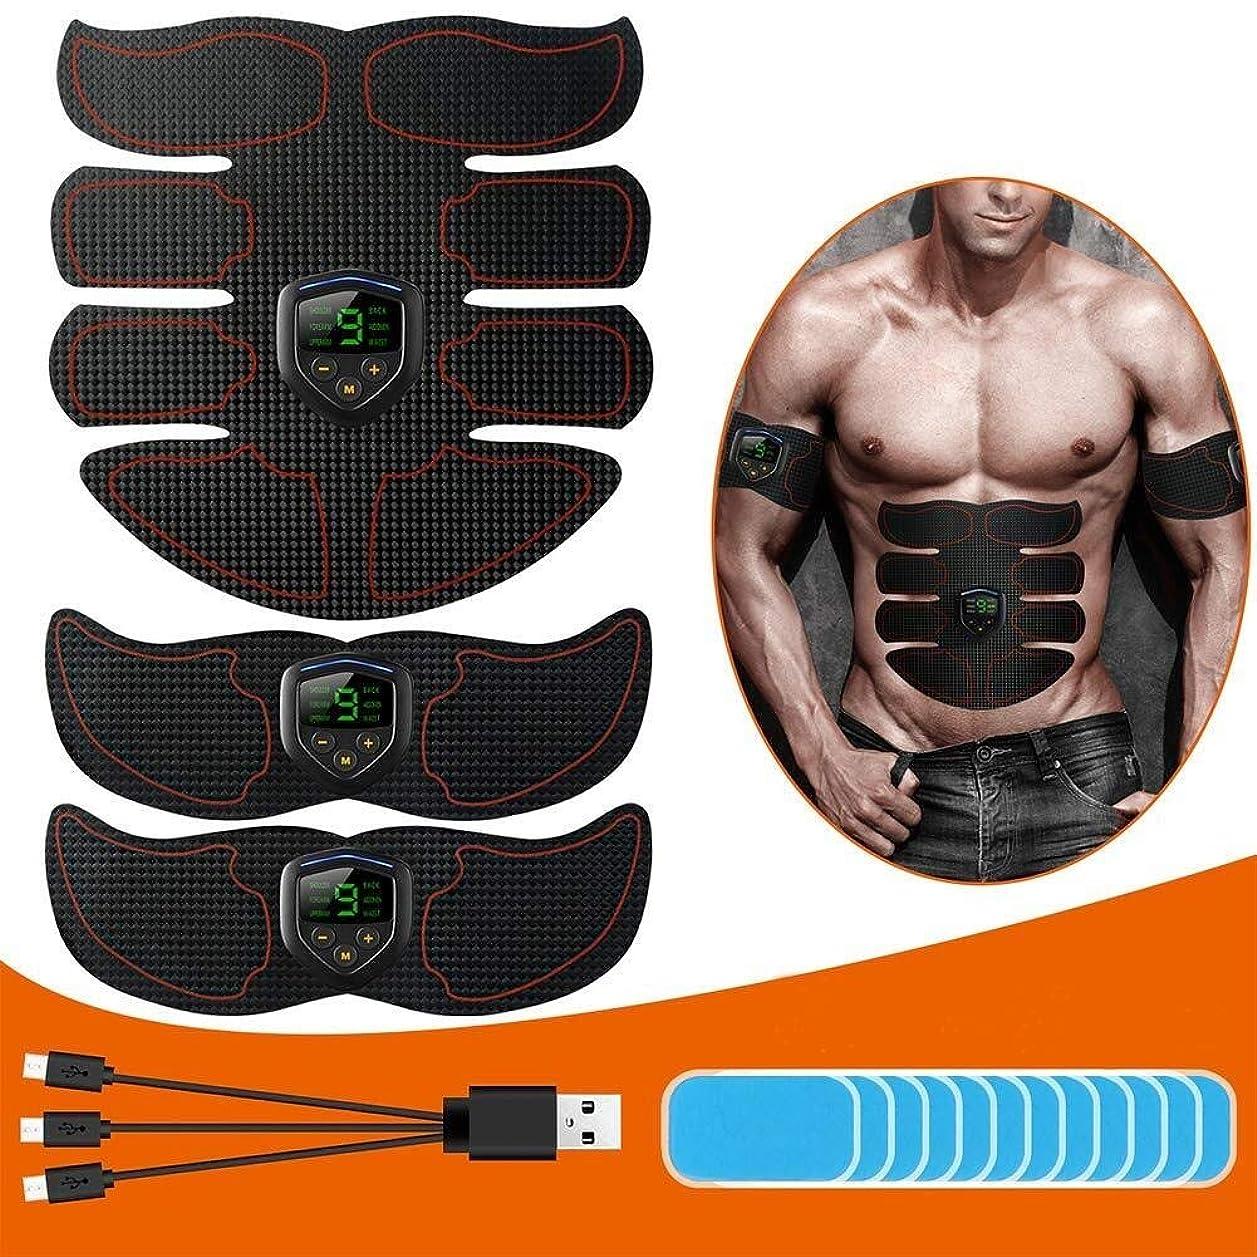 置くためにパックループコミットメント筋肉刺激装置 ABSトレーナー EMSマッスルトナー、 Ab インテリジェント トーニングベルト、 USB充電 液晶ディスプレイ、 腹部/腕/脚 筋肉 ジムの設備 にとって 女性と男性、 12個の交換用ゲルパッド